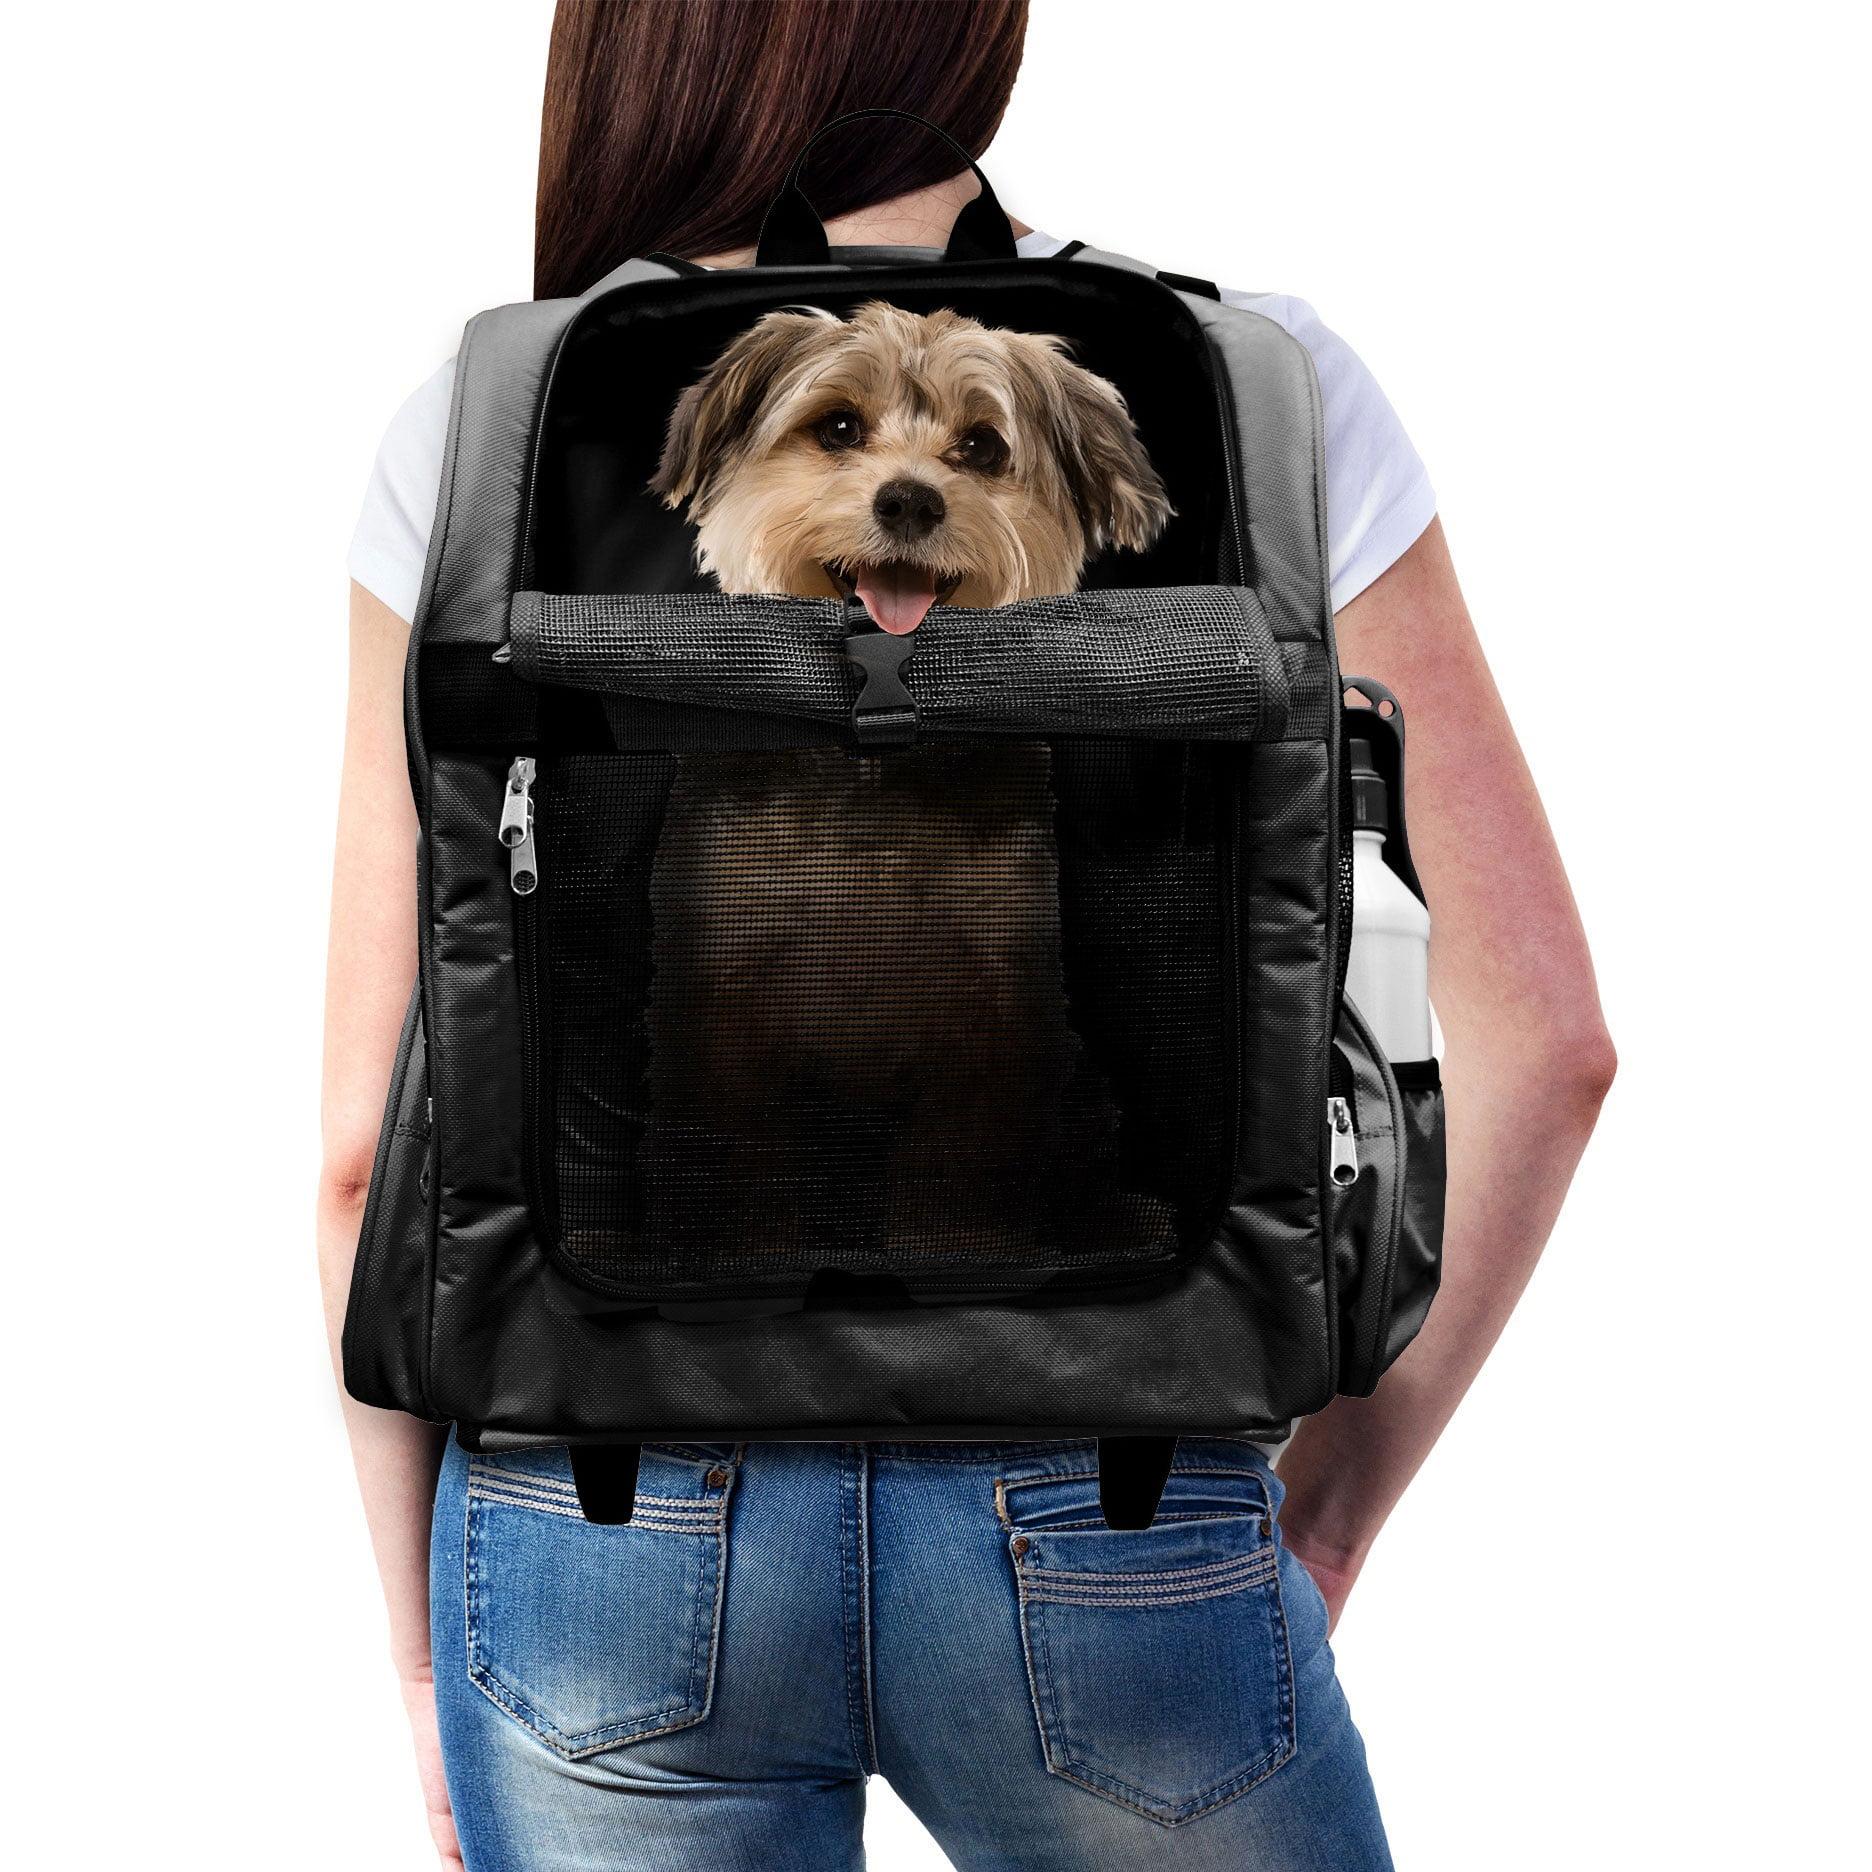 FurHaven Pet Backpack-Roller Carrier Travel Pet Carrier Dog Carrier by FurHaven Pet Products